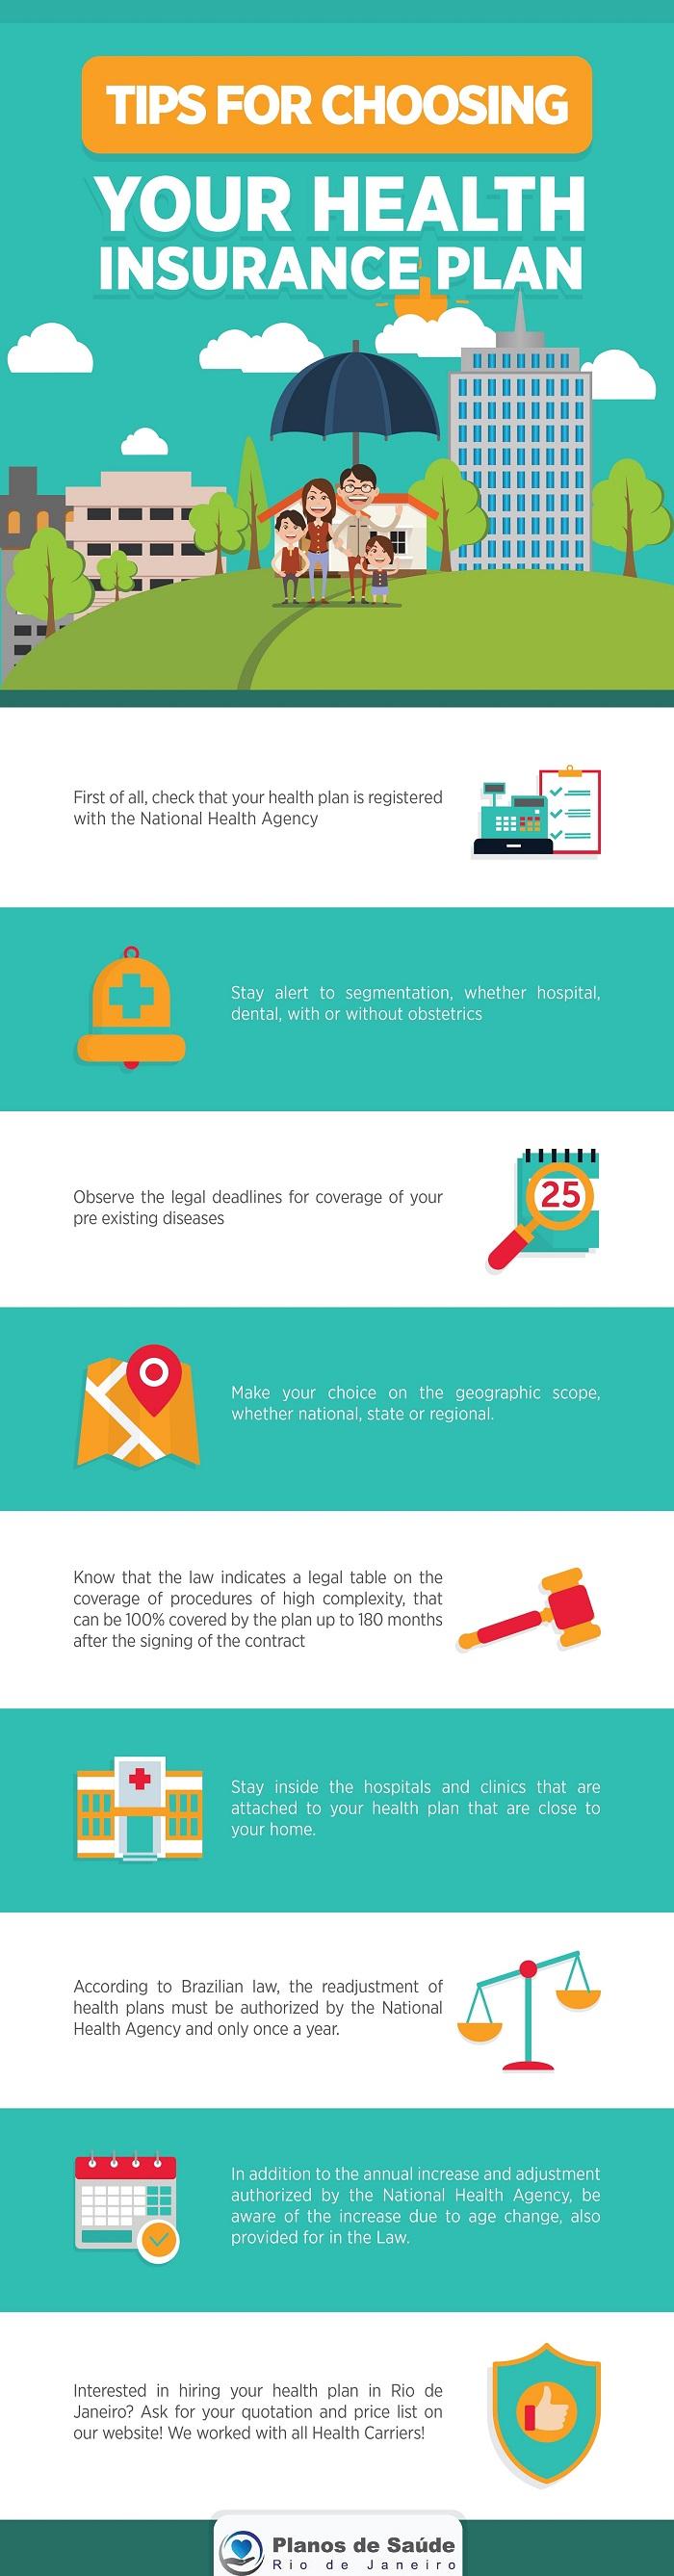 health insurance myths